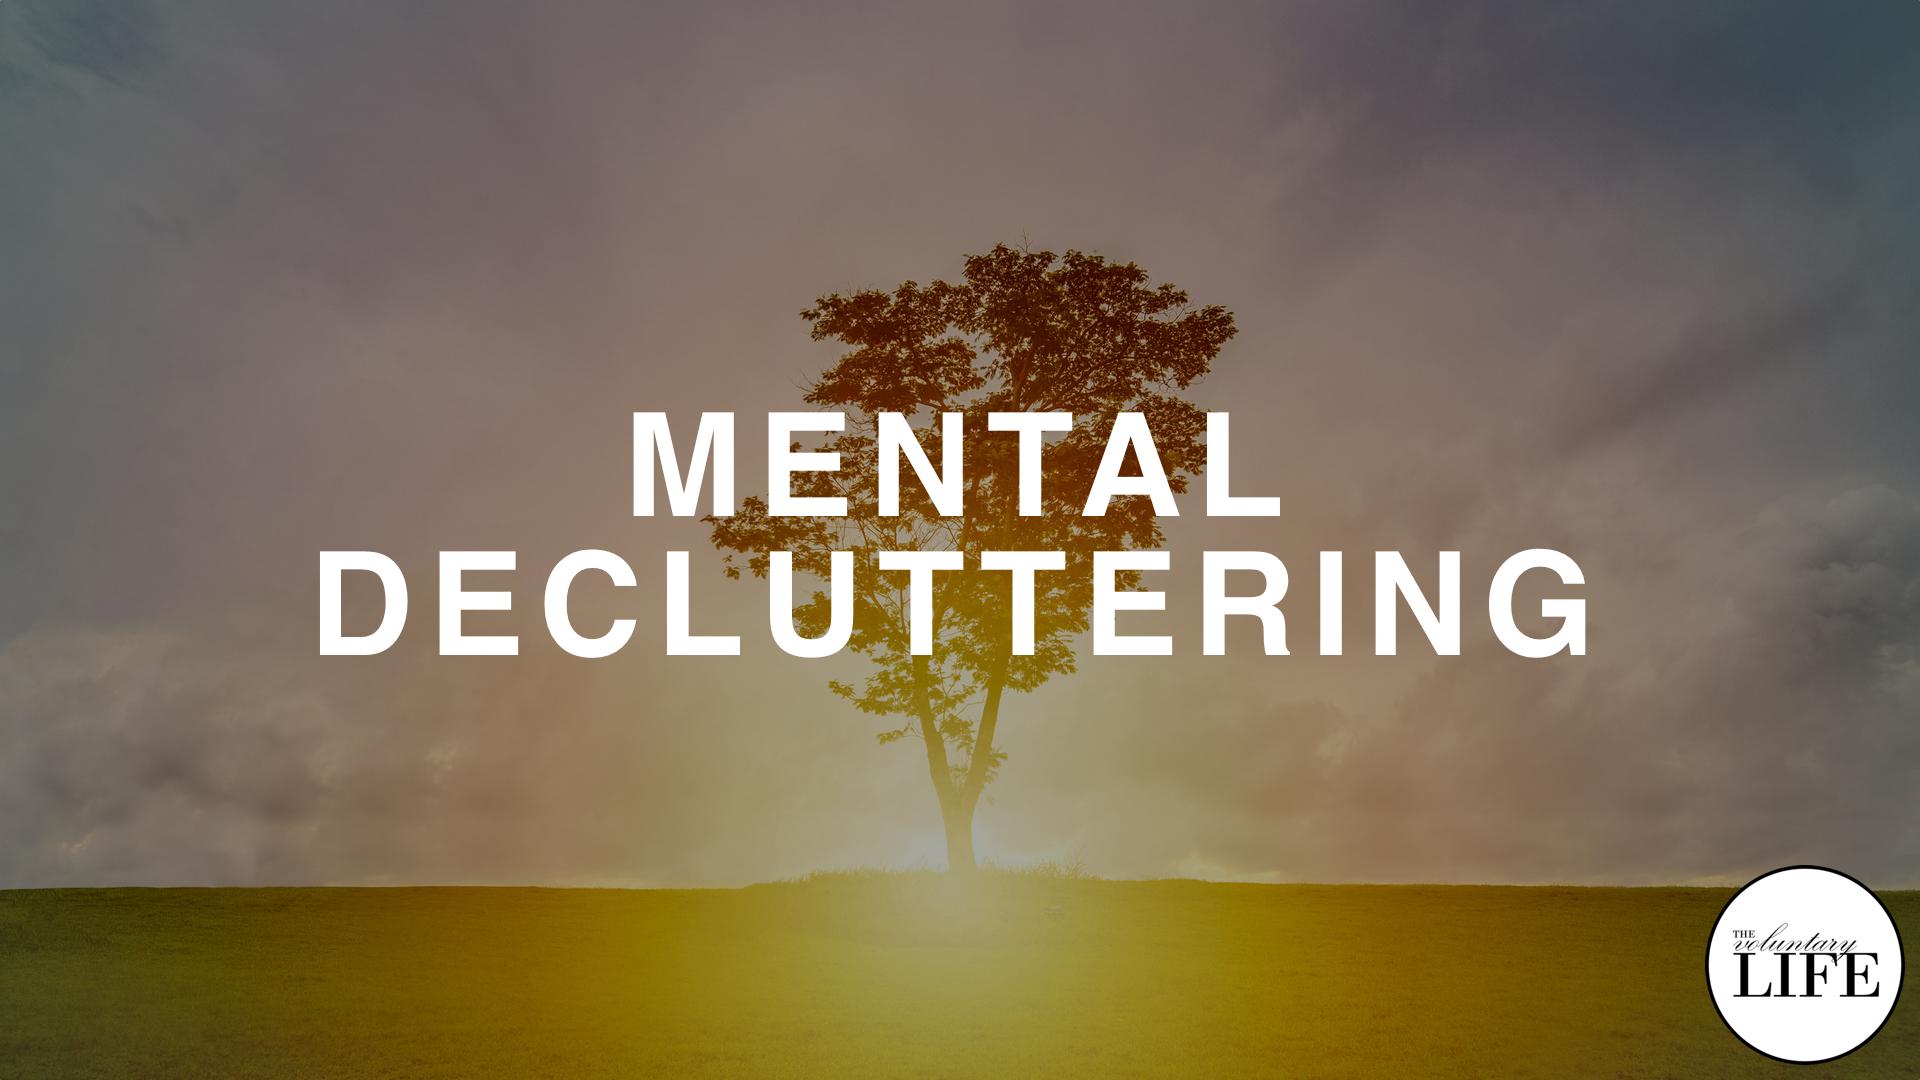 148 Mental Decluttering